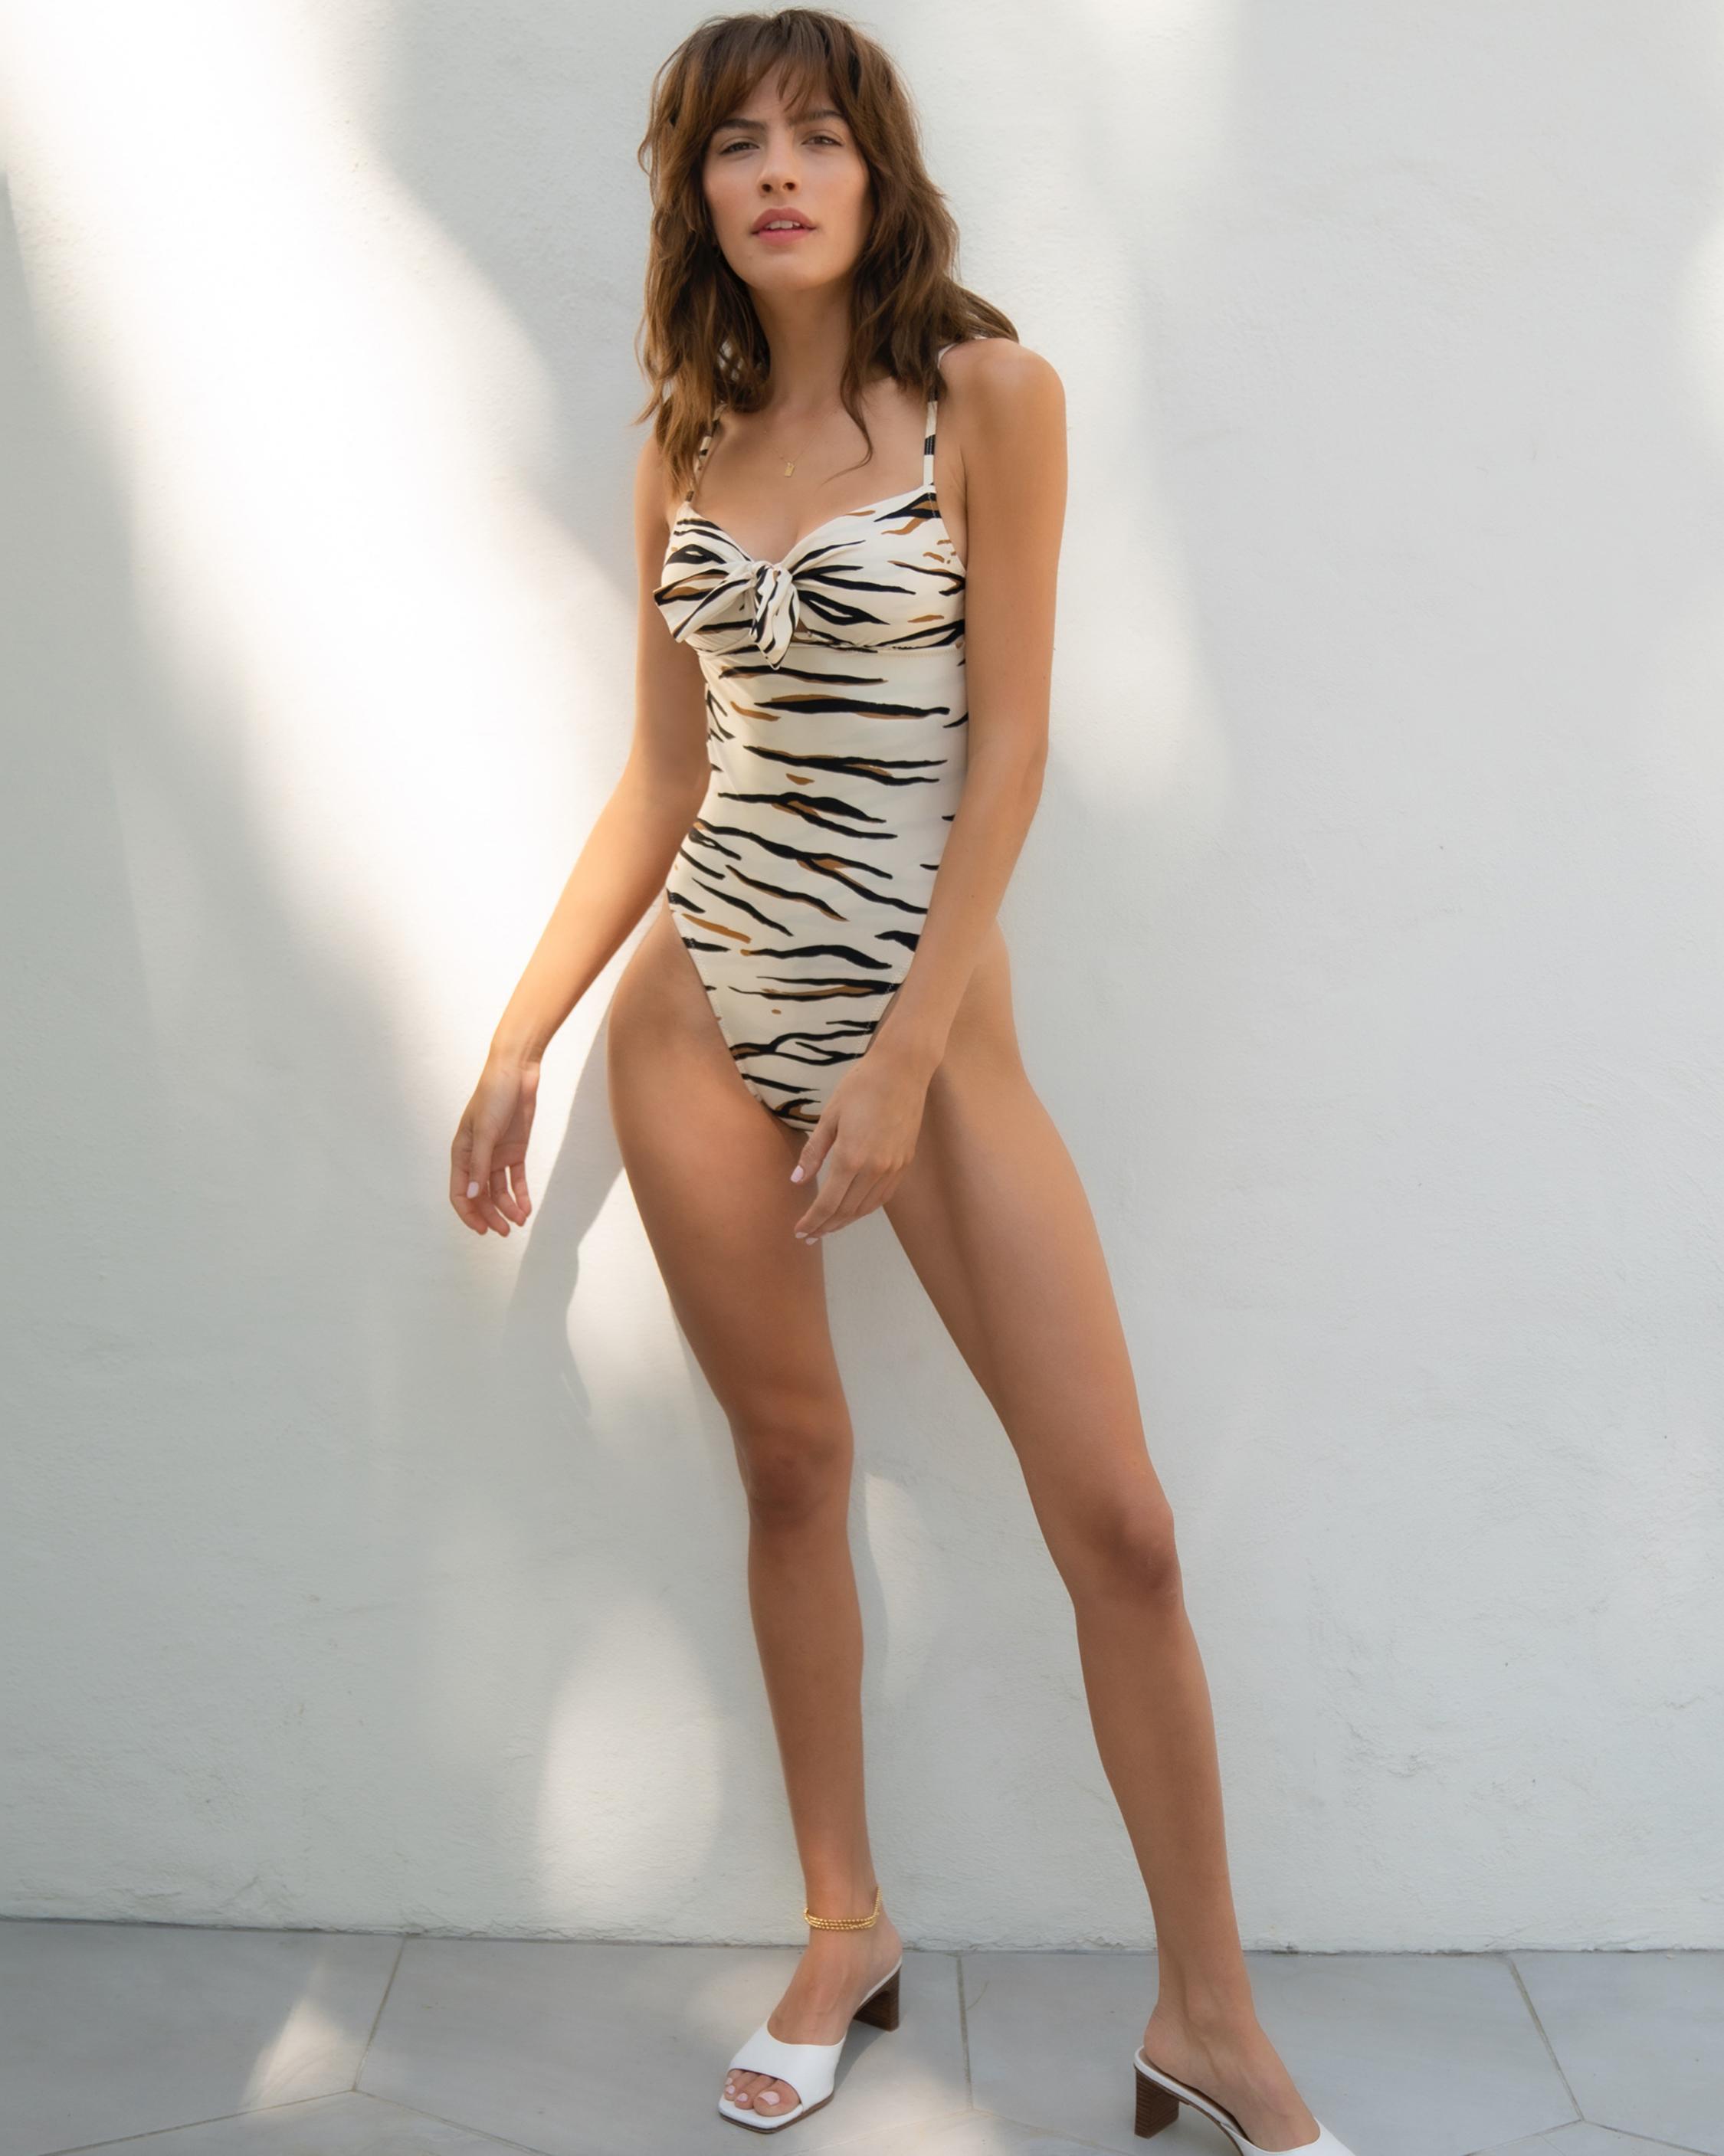 Sidway Swim LeTigre Diana One-Piece Swimsuit 3